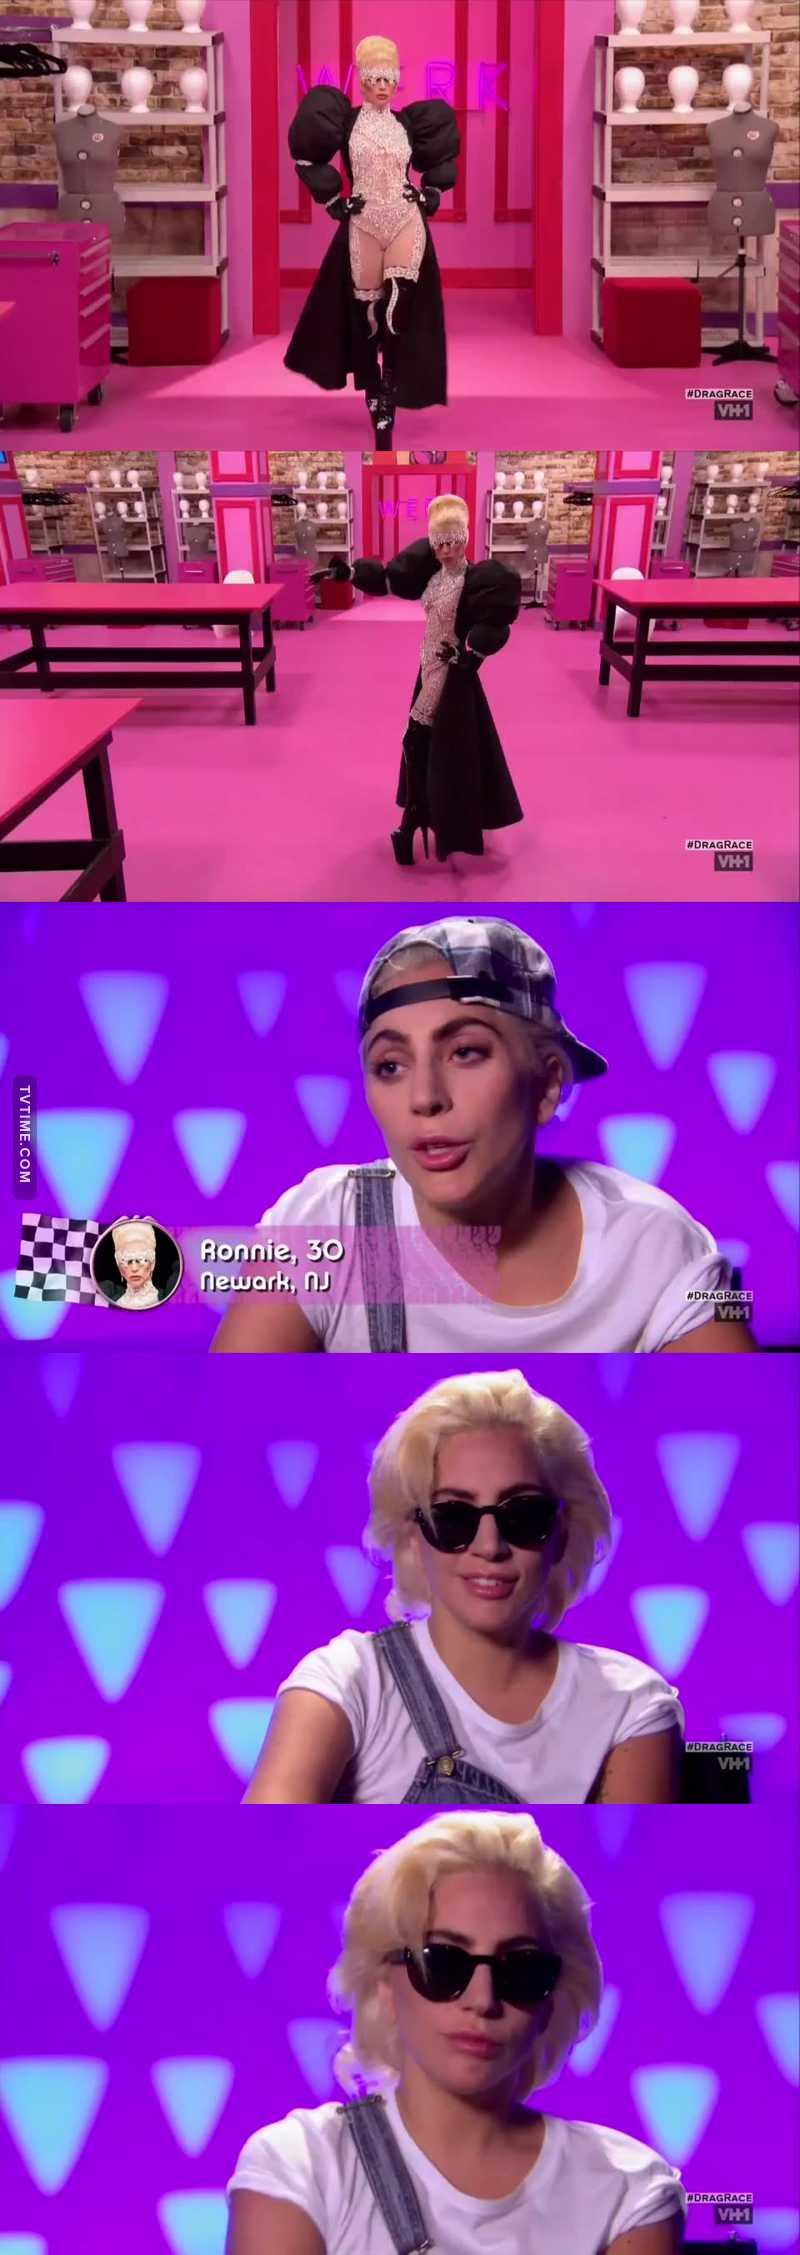 Lady Gaga , biches !!!! Powwww  😍😍😍😎😂